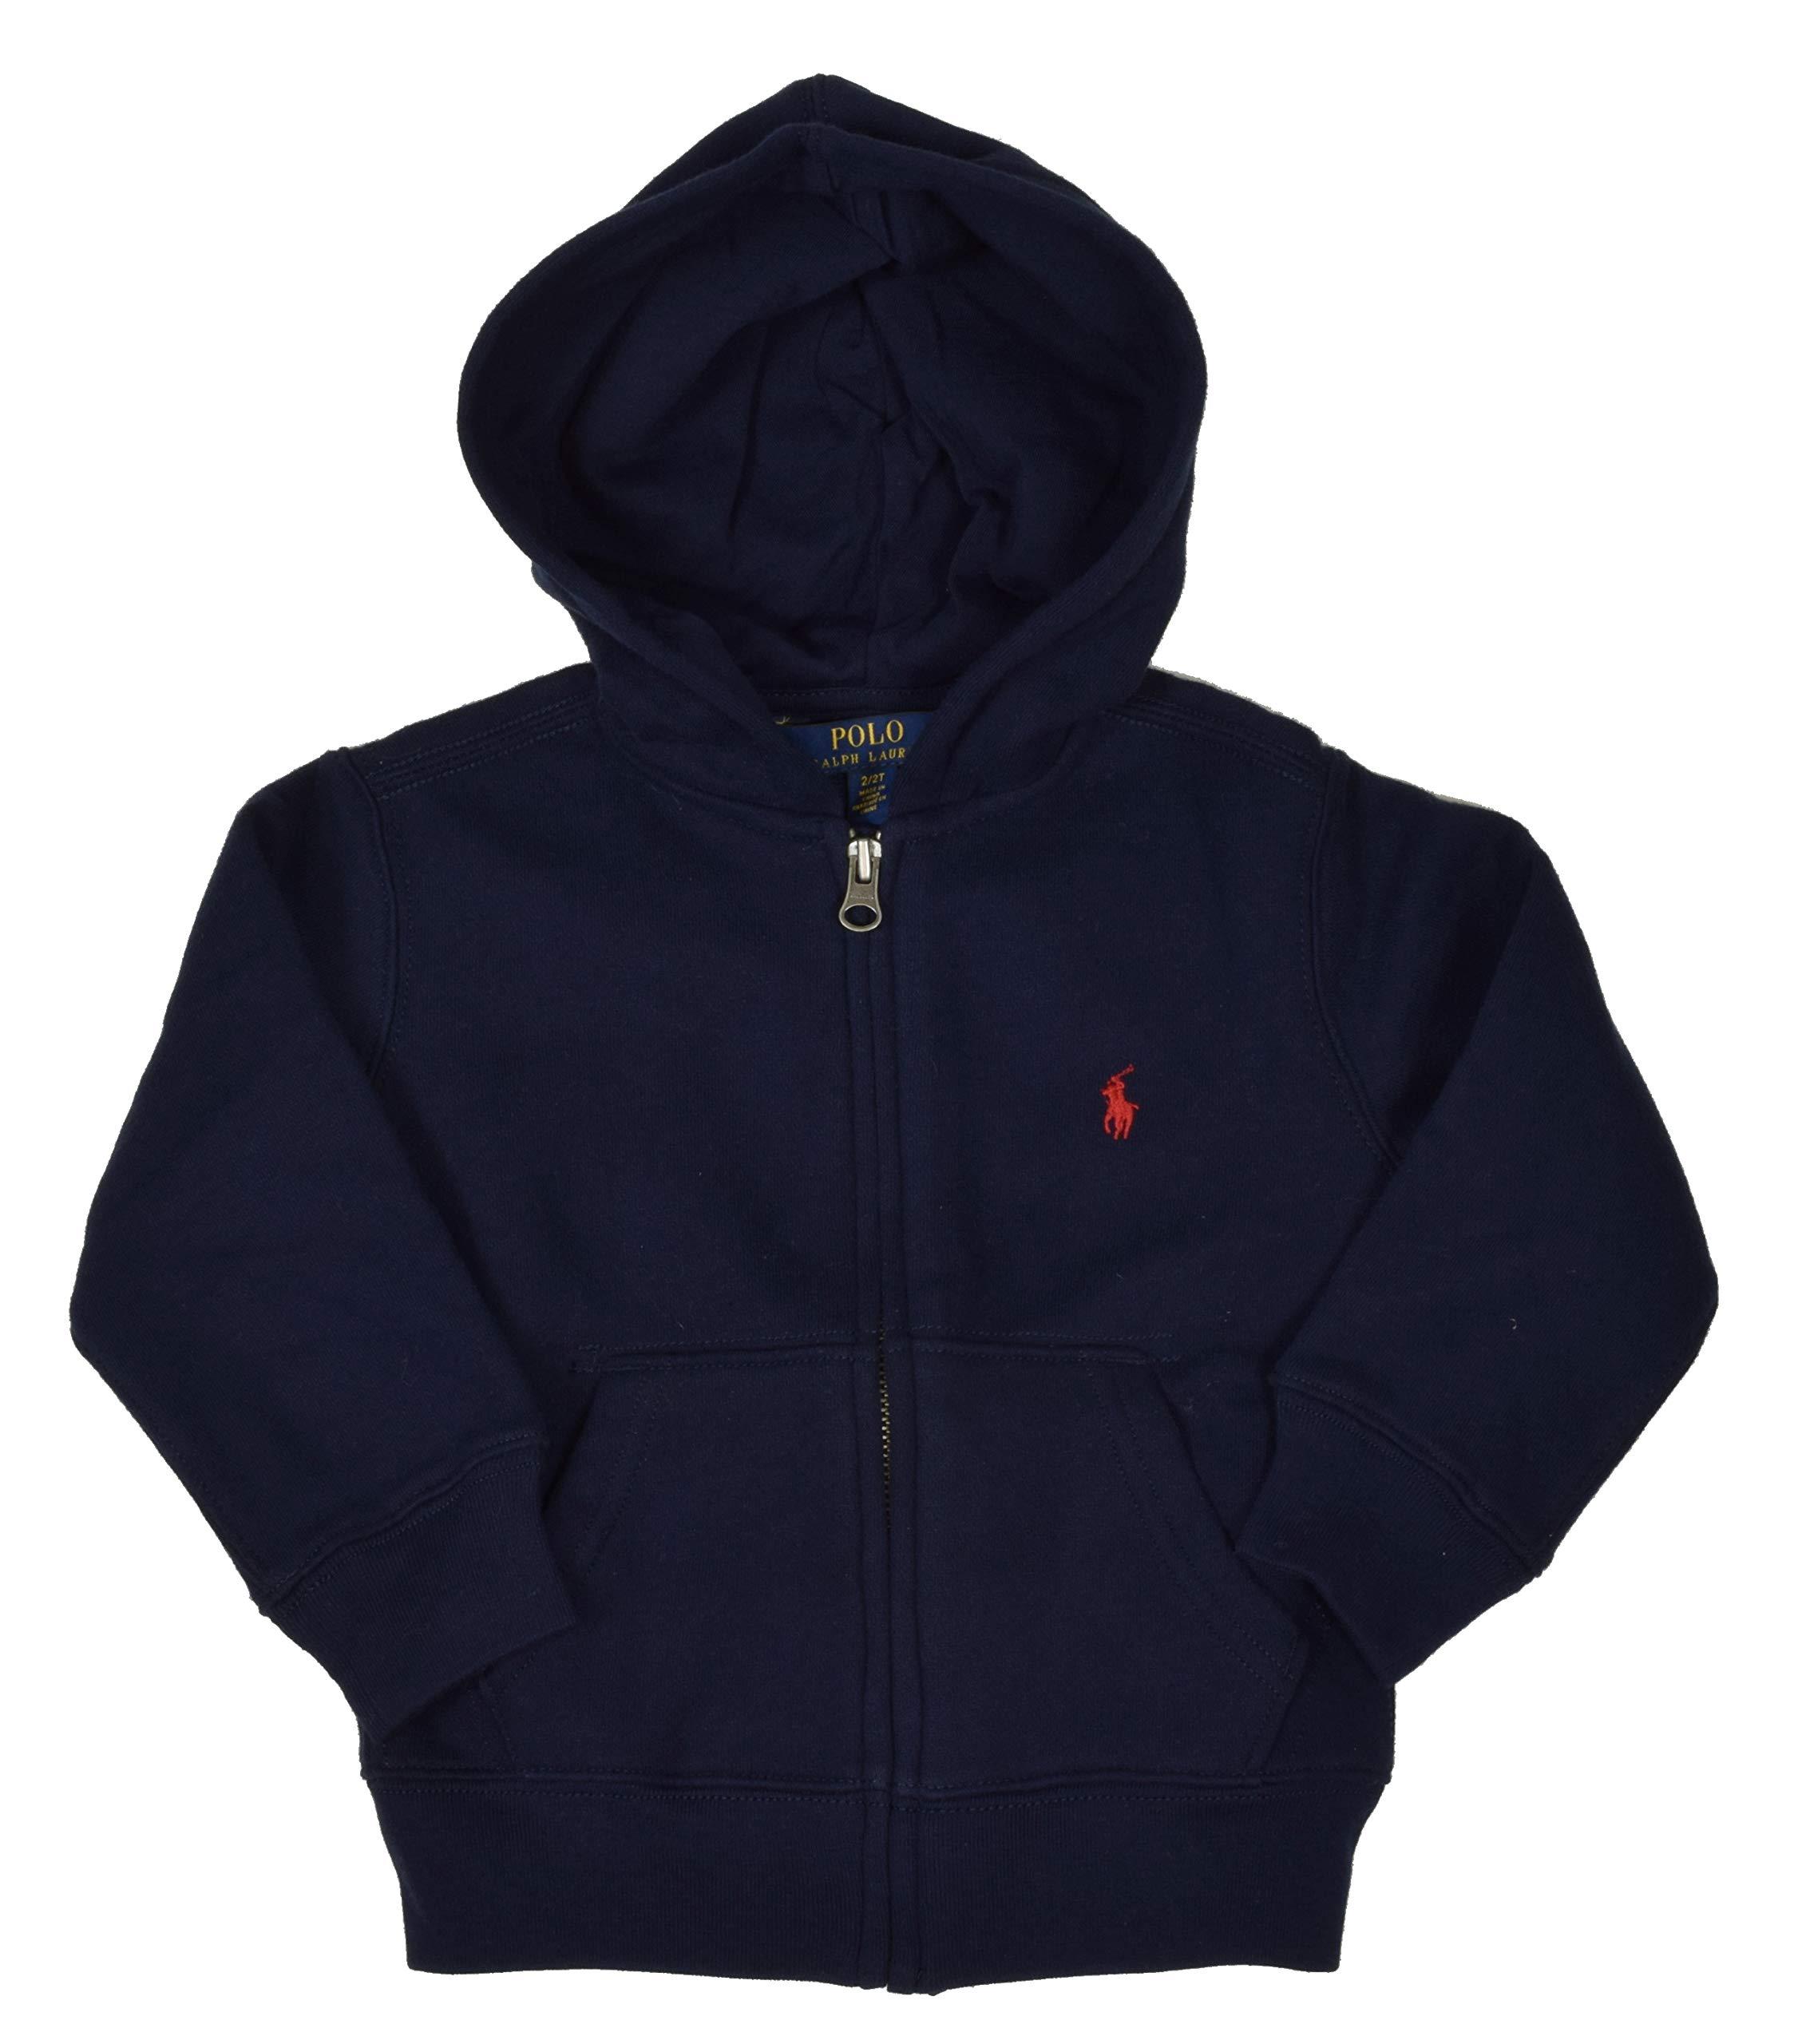 Polo Ralph Lauren Boy's Full Zip Fleece Hoodie - 4T - Navy